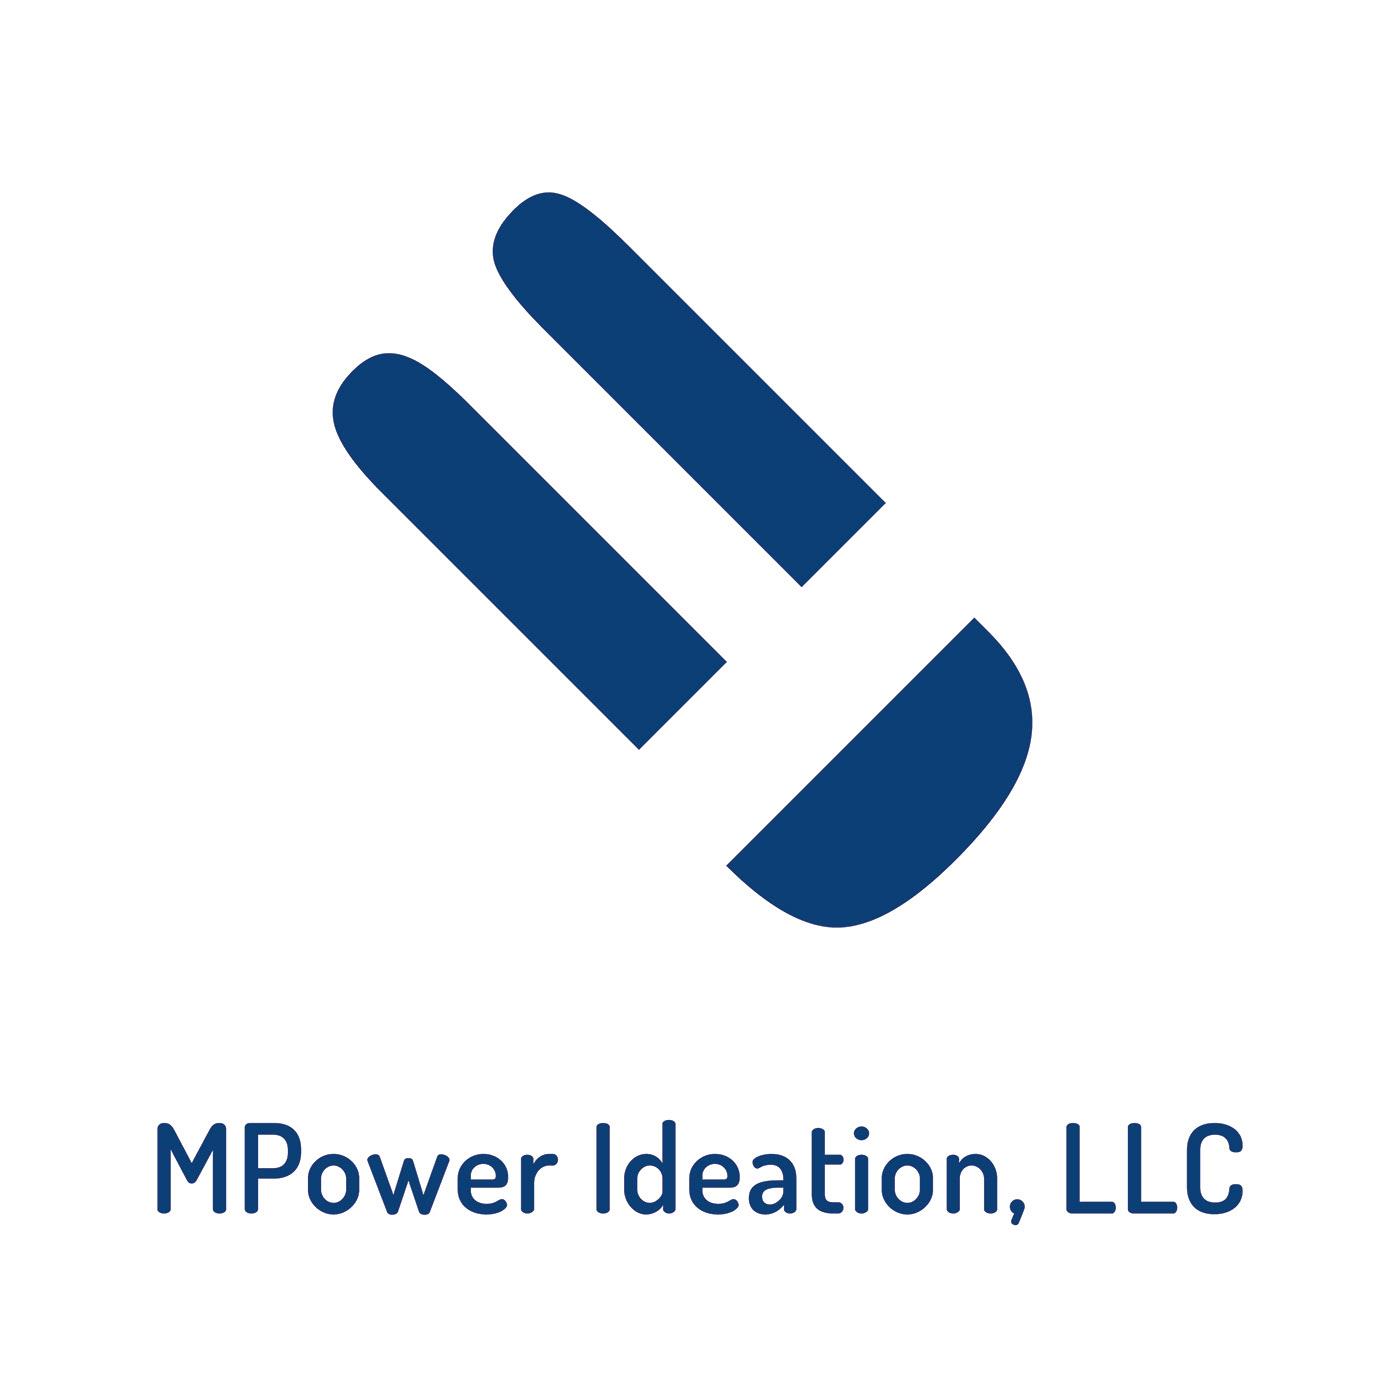 mpower ideation llc logo on behance rh behance net mpower login mpower login abm log in